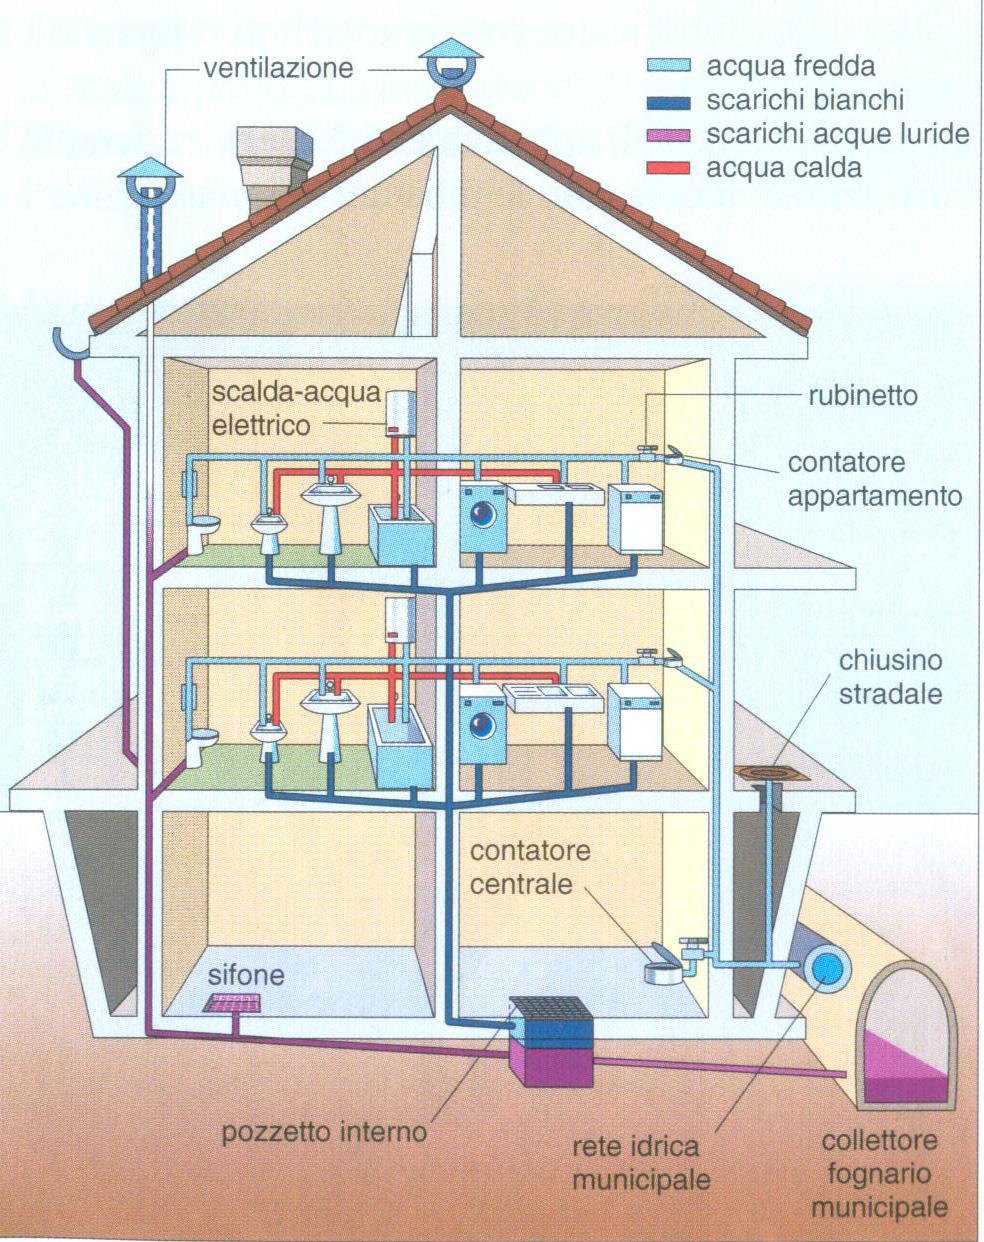 Impianti elettrici e idraulici - Impianto idraulico bagno costo ...